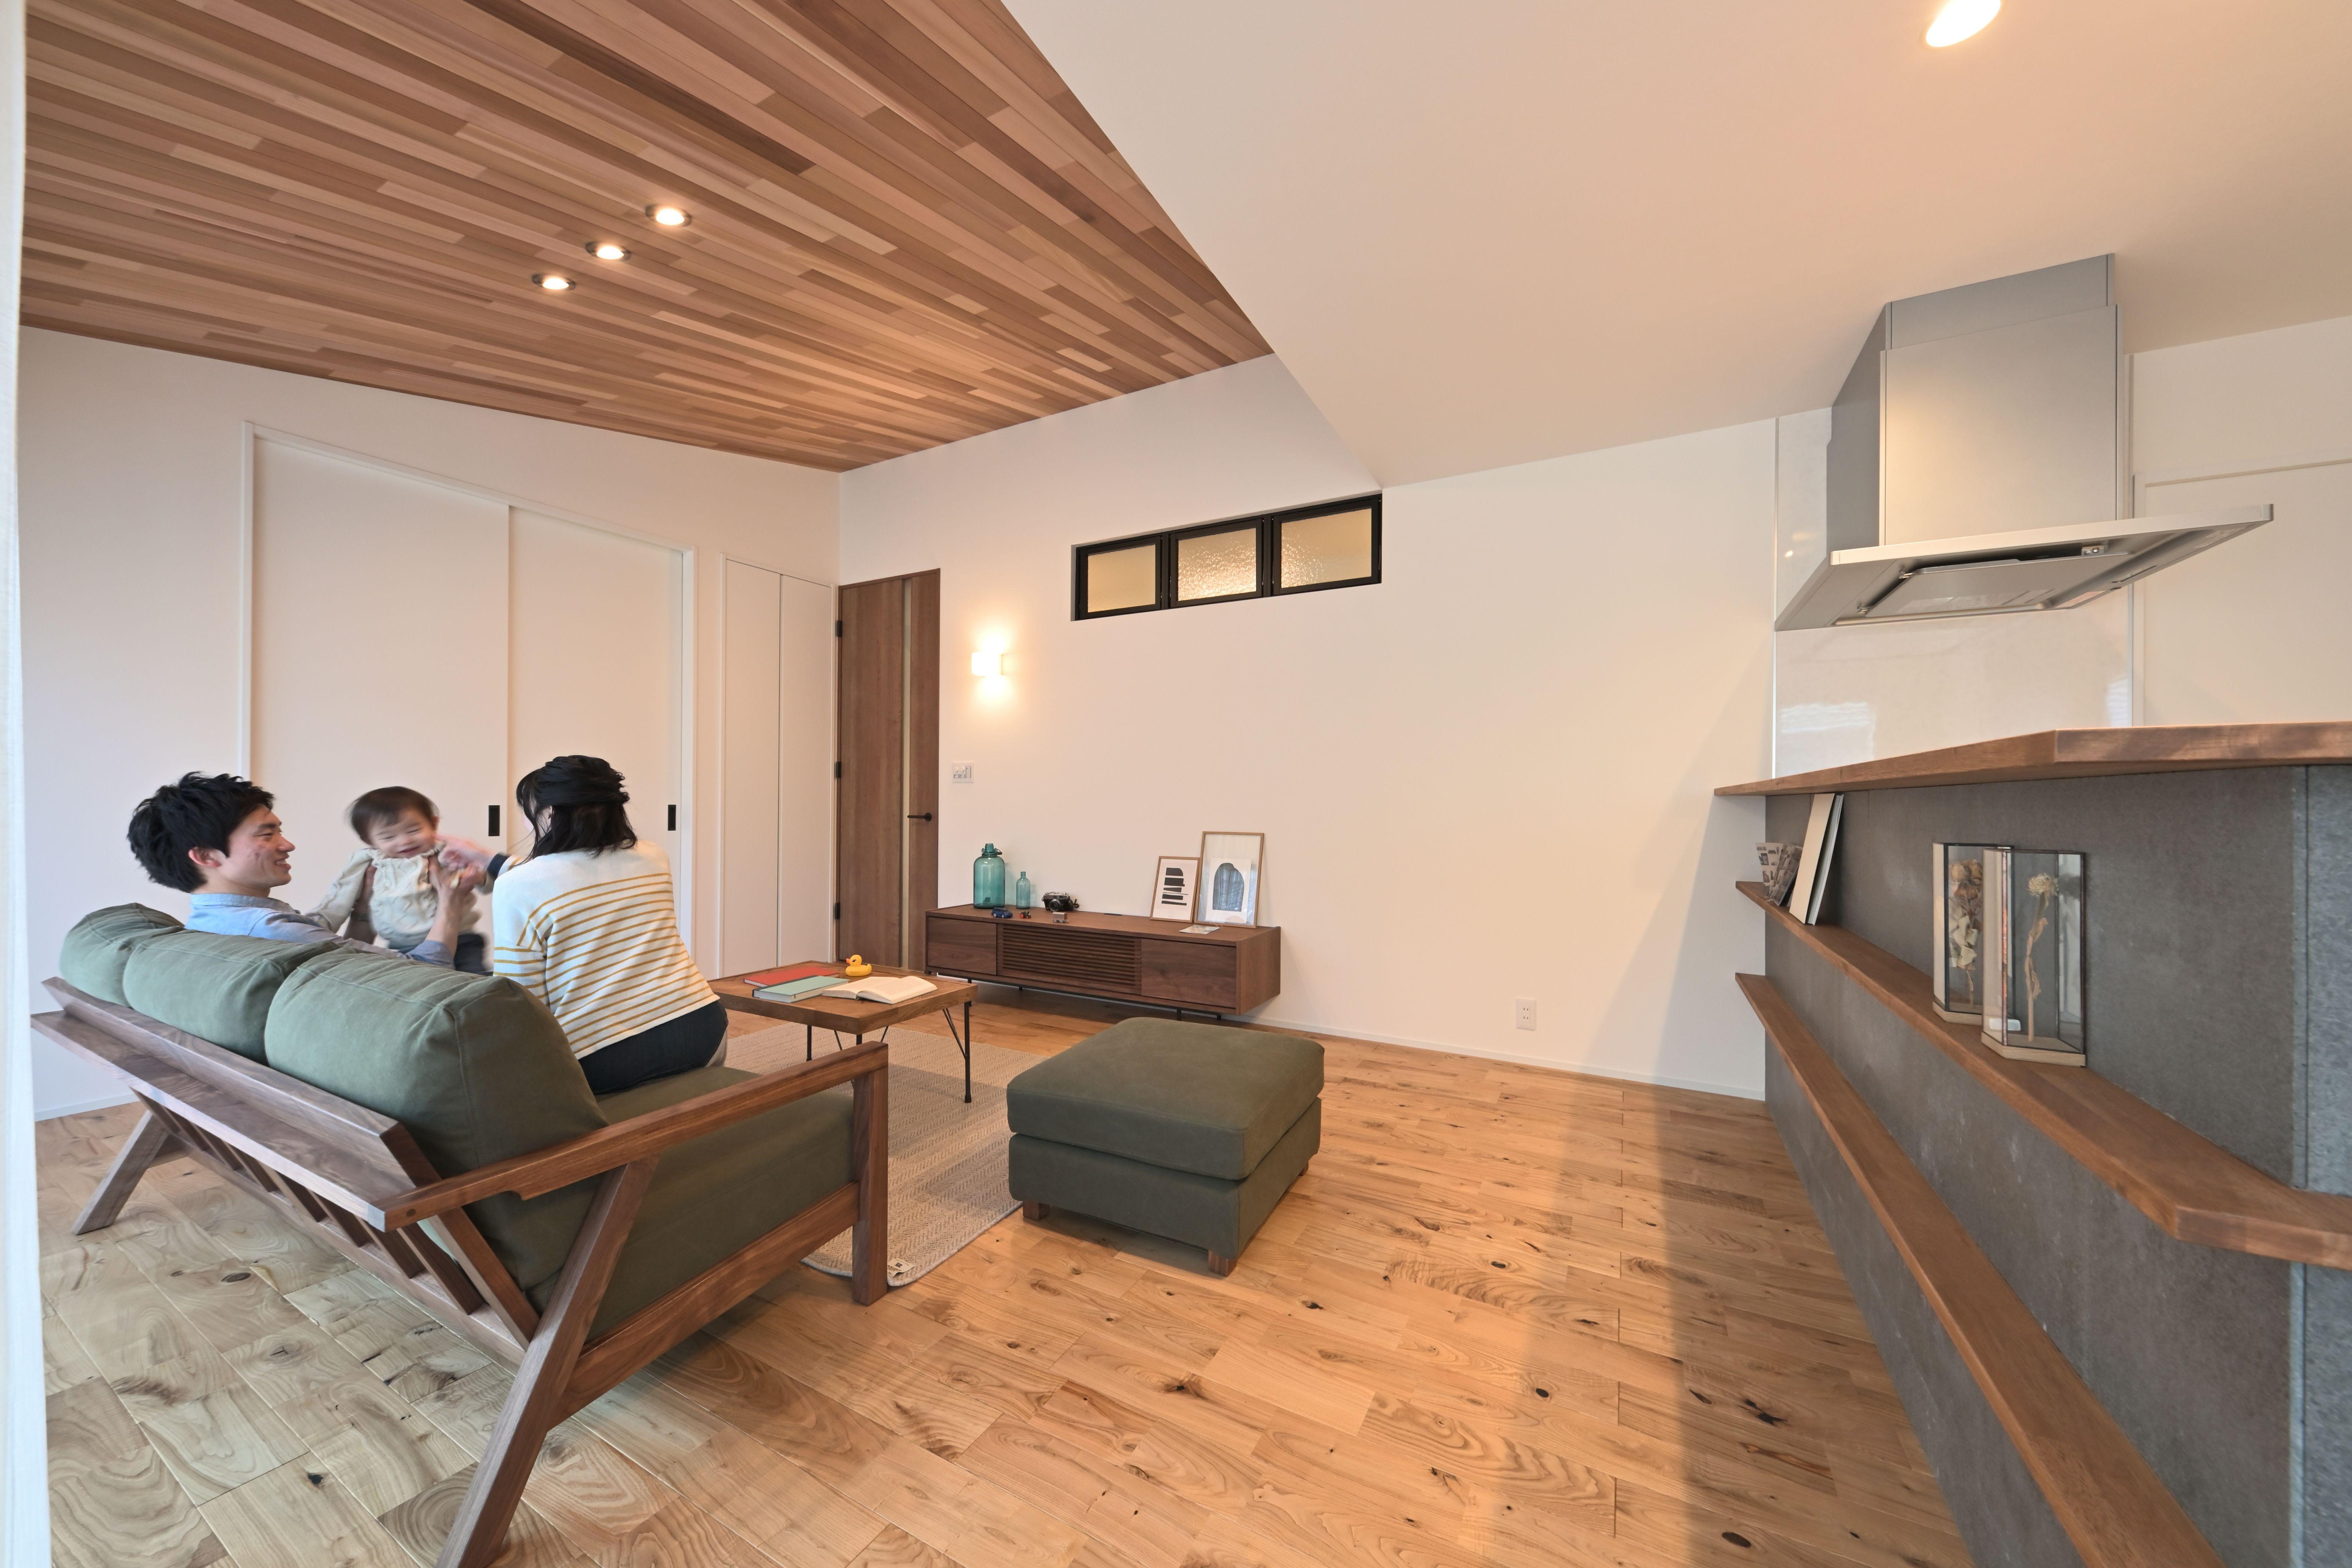 滋賀県草津市 を中心に 注文住宅 を 建築 しております 自然素材 を活かした 空間の提案 演出 を得意としています